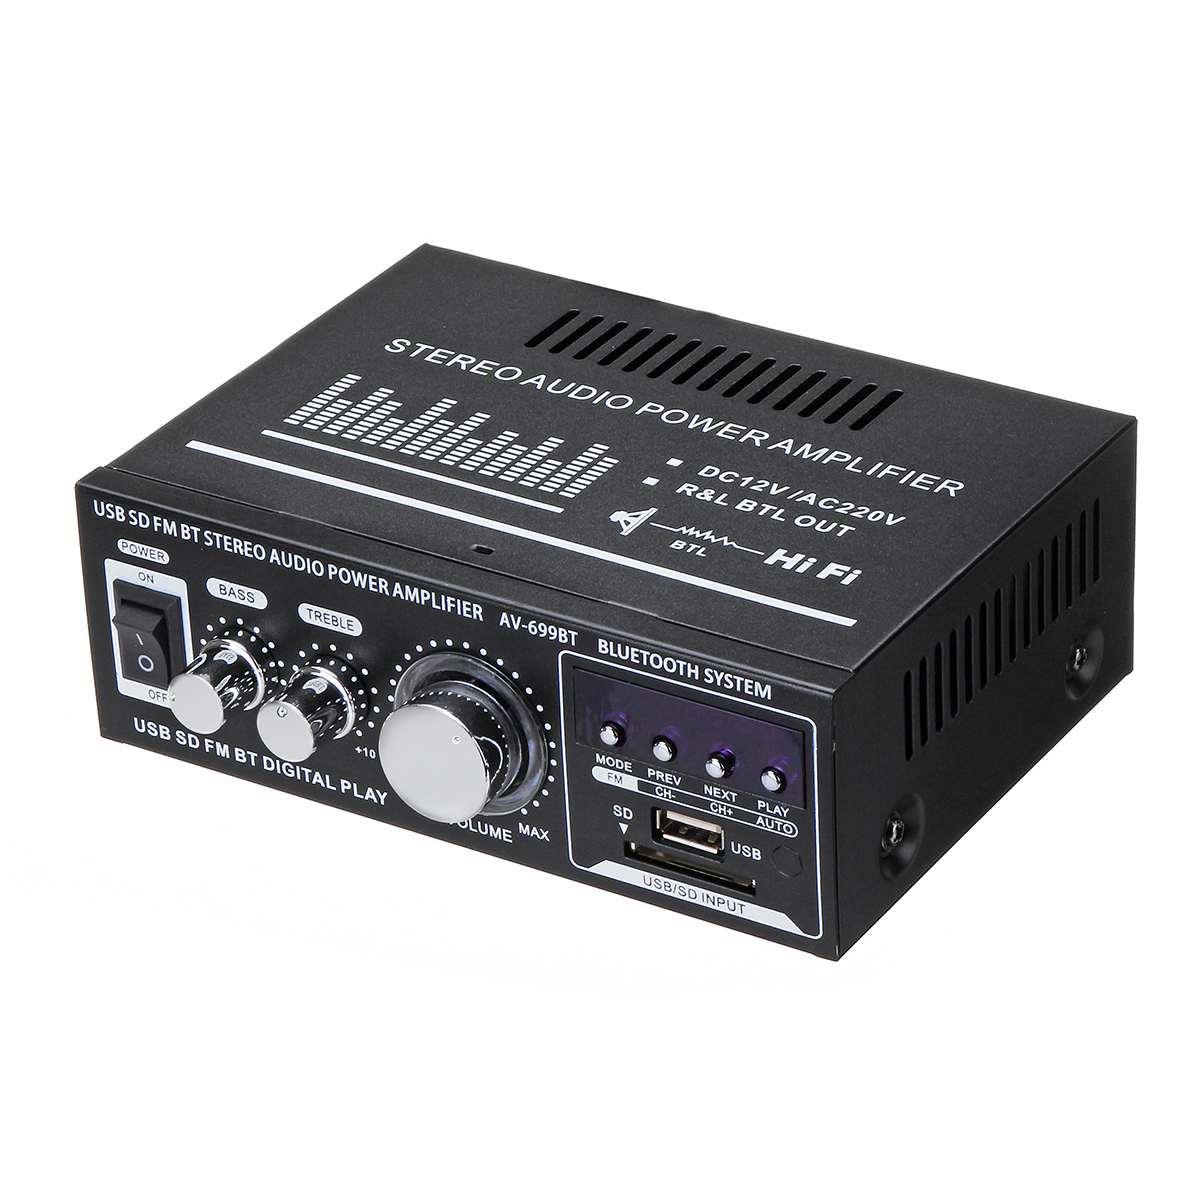 цифровой аудио усилитель; усилить; музыкальный MP3-плеер; цифровой аудио усилитель;